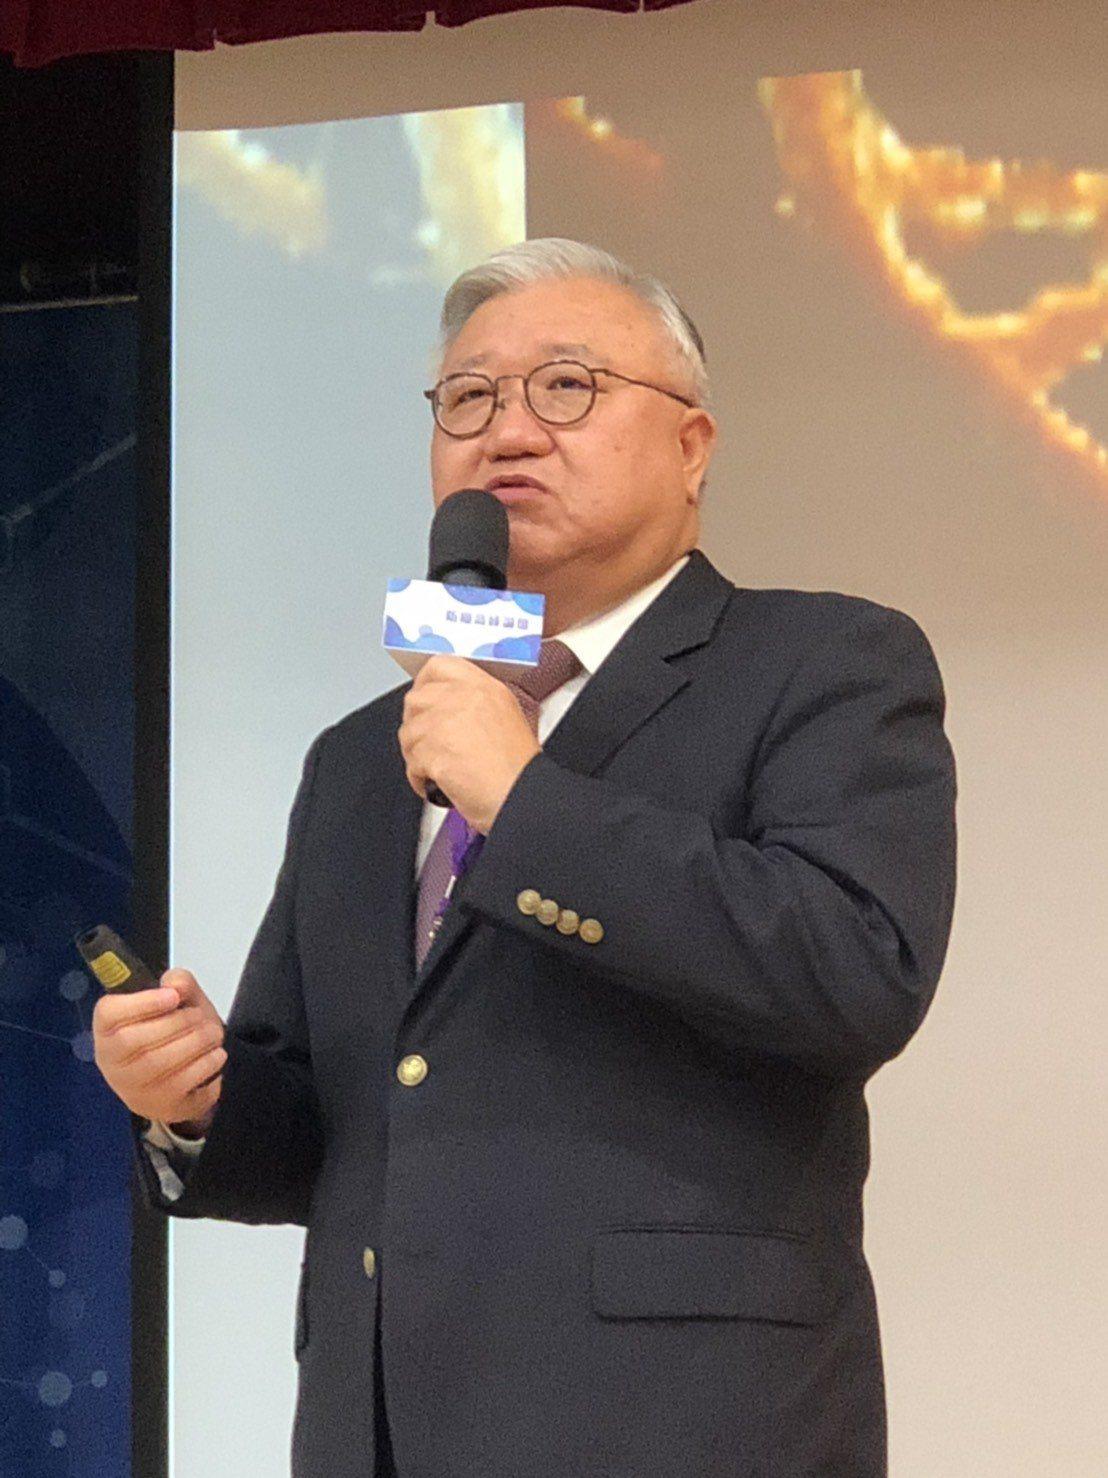 中華民國癌症醫學會理事長閻雲。記者林俊良/攝影